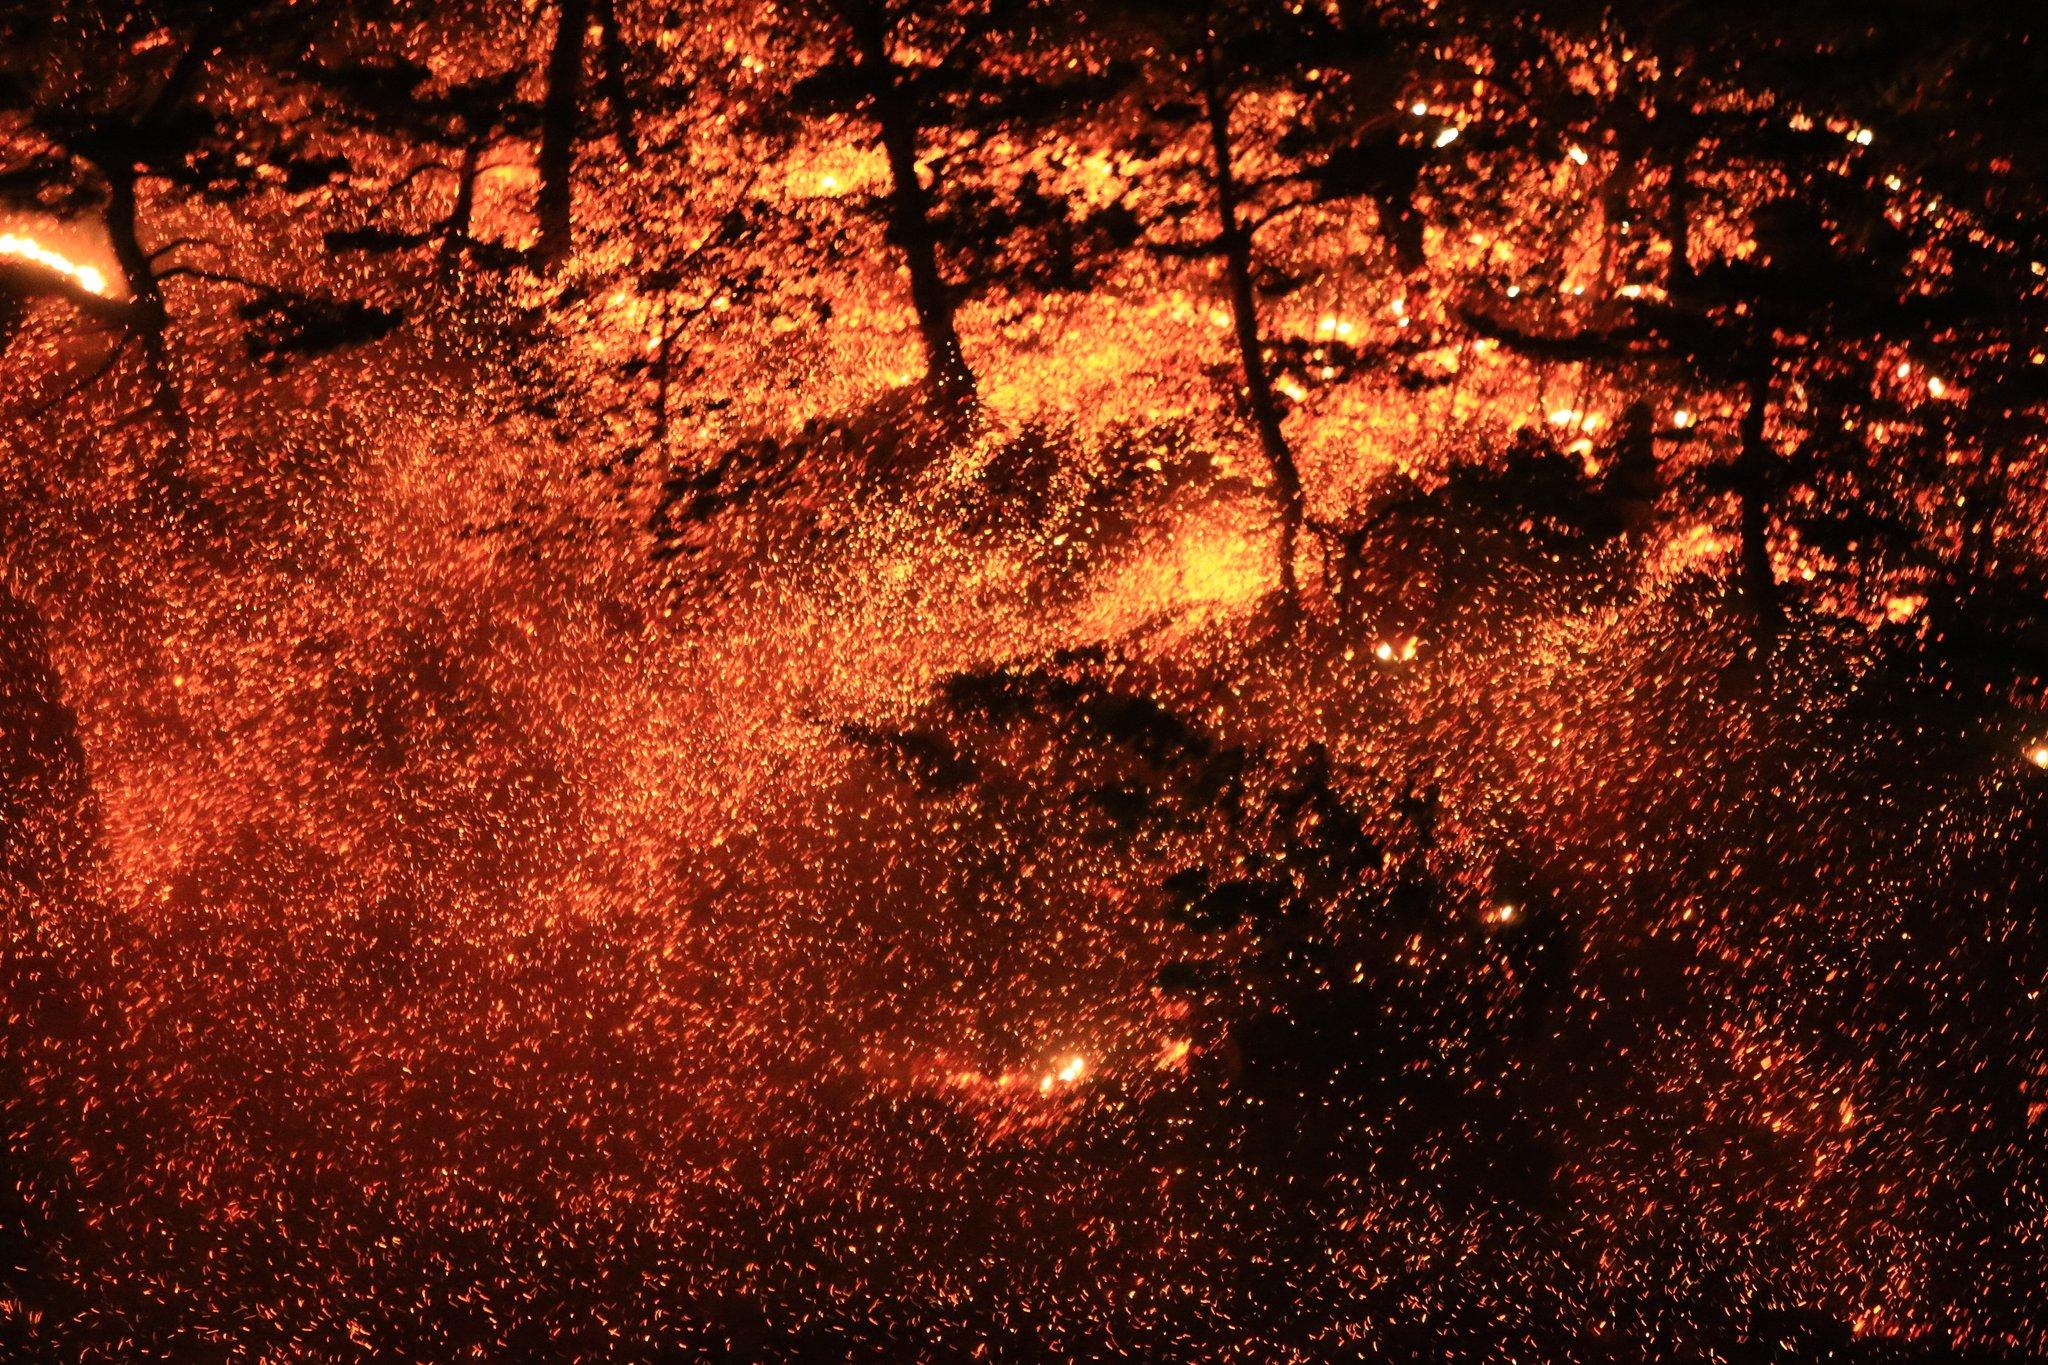 연중 대형산불 겪는 한국..'산불 조심 기간' 이젠 의미 없다[빅토리아머니|슈퍼마리오 토토]